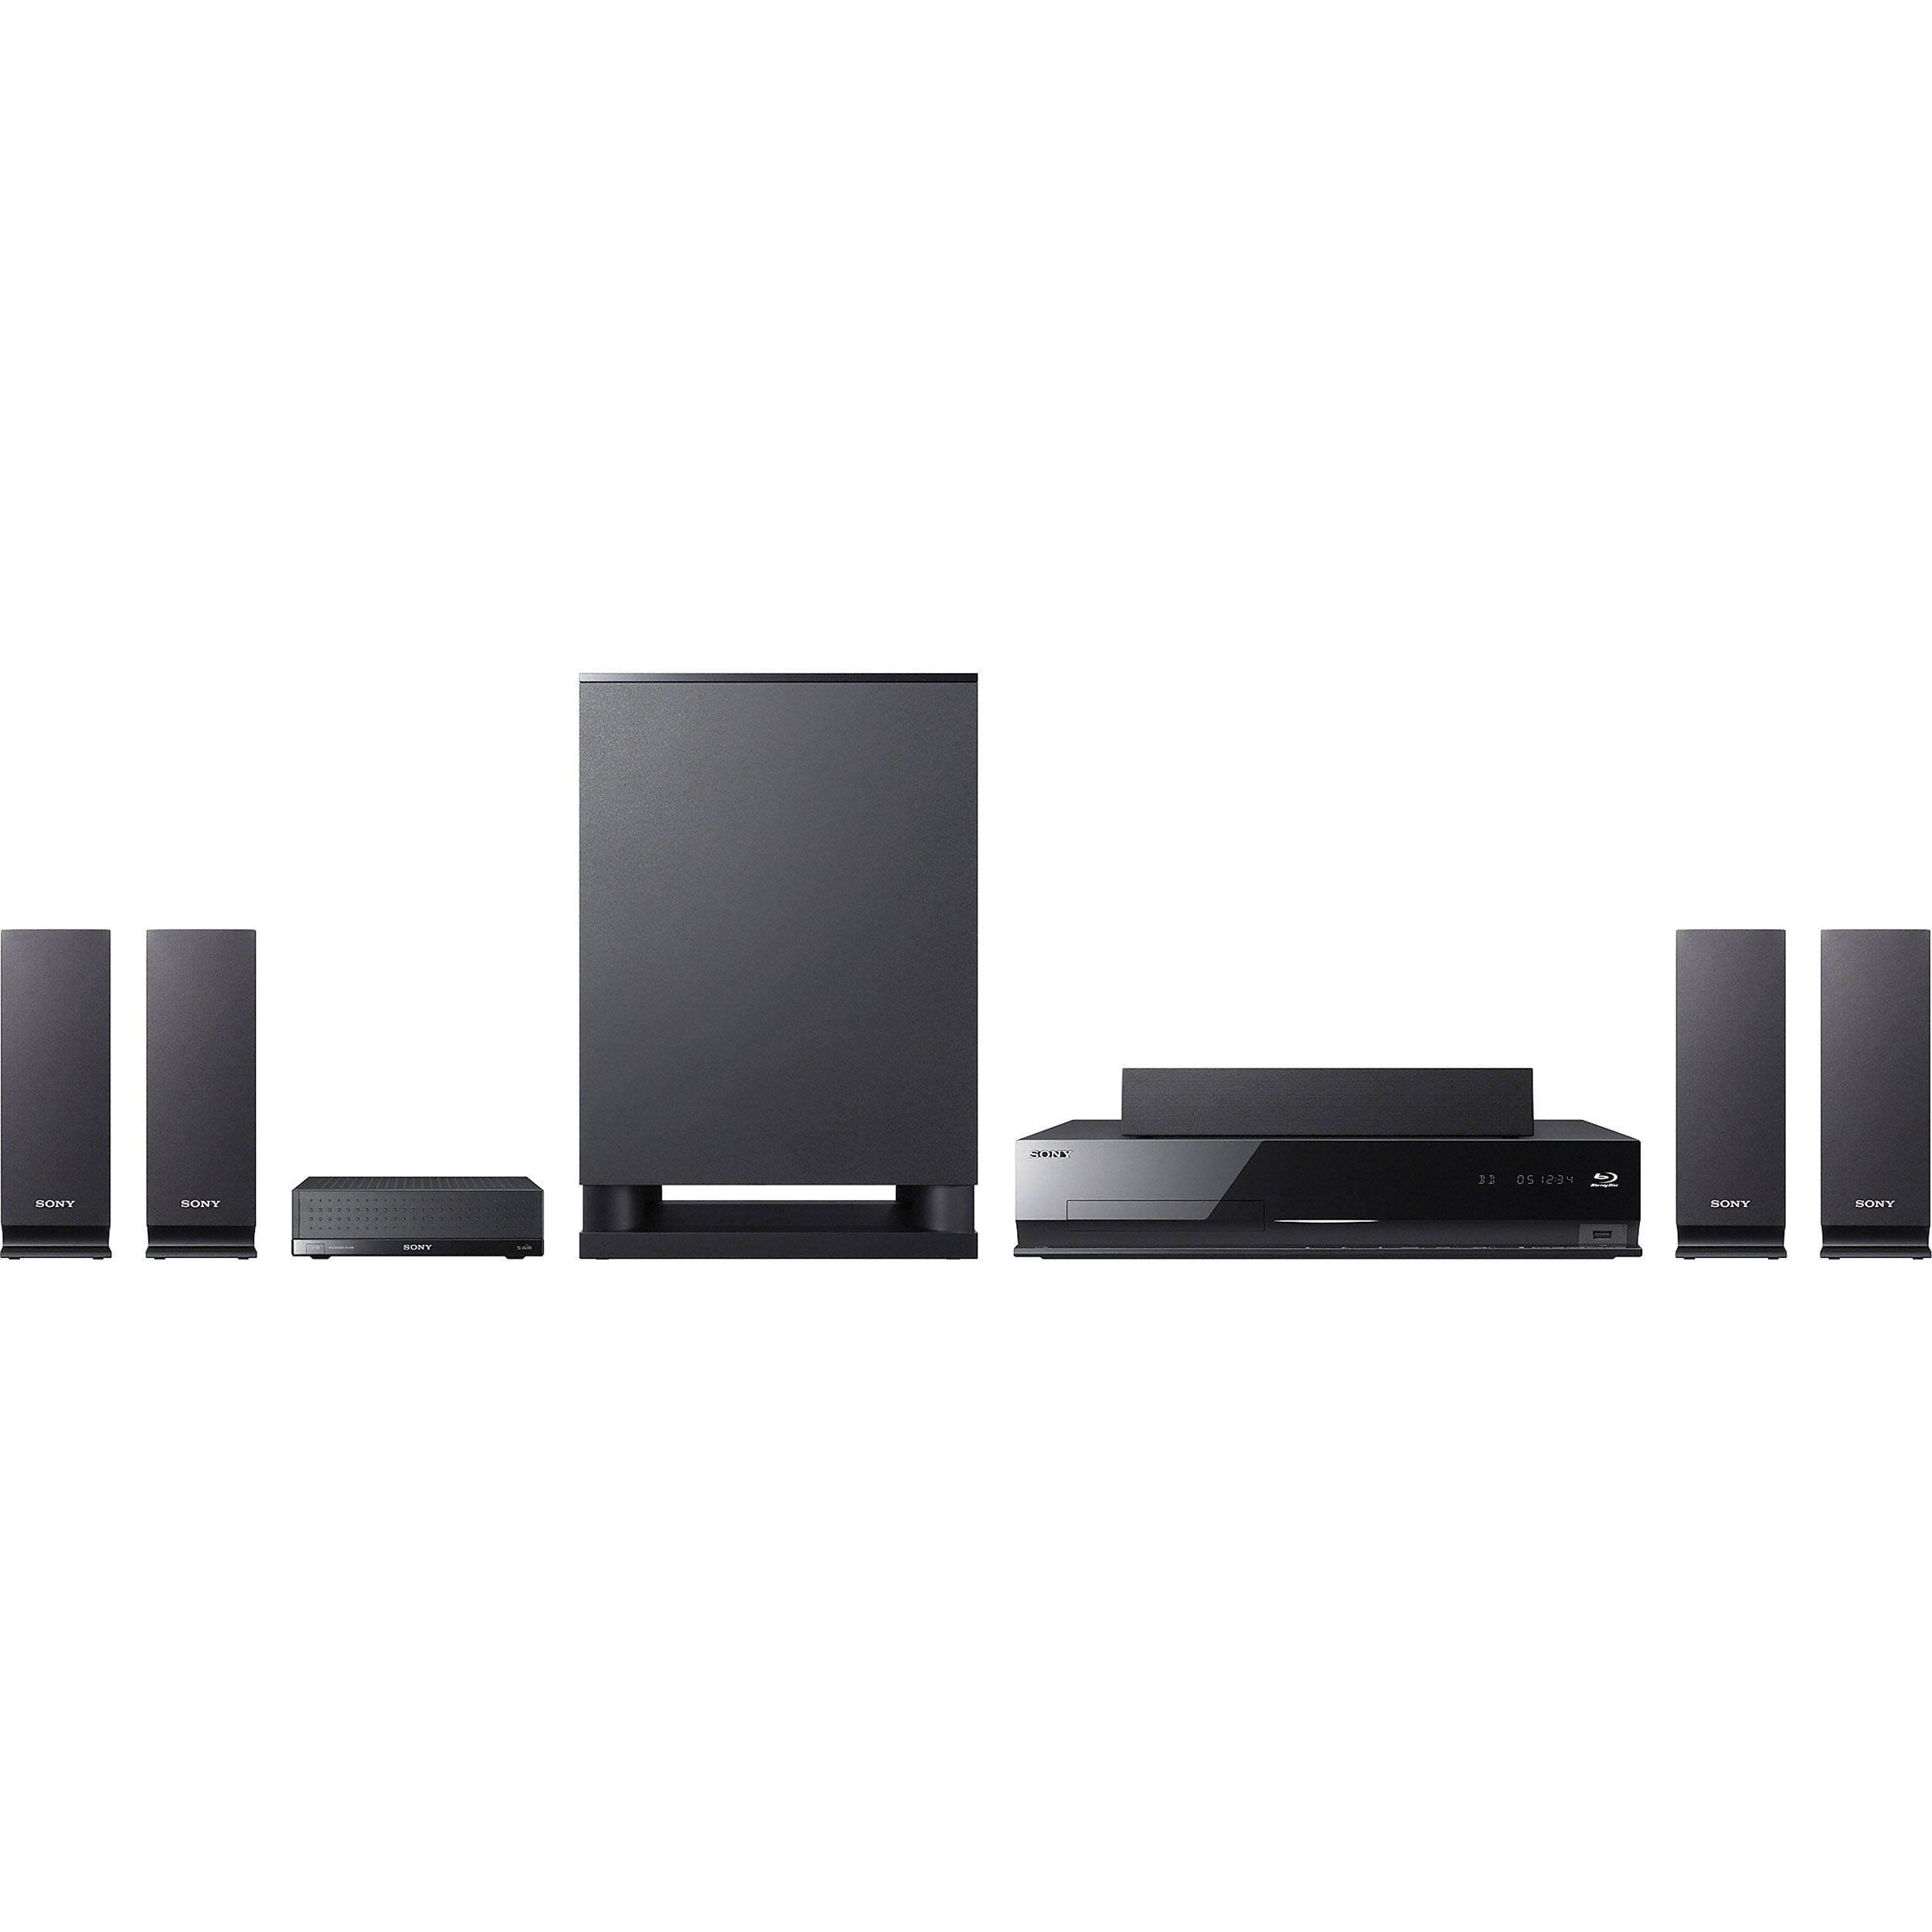 Sony BDV-E770W Home Theatre System Windows 8 X64 Driver Download